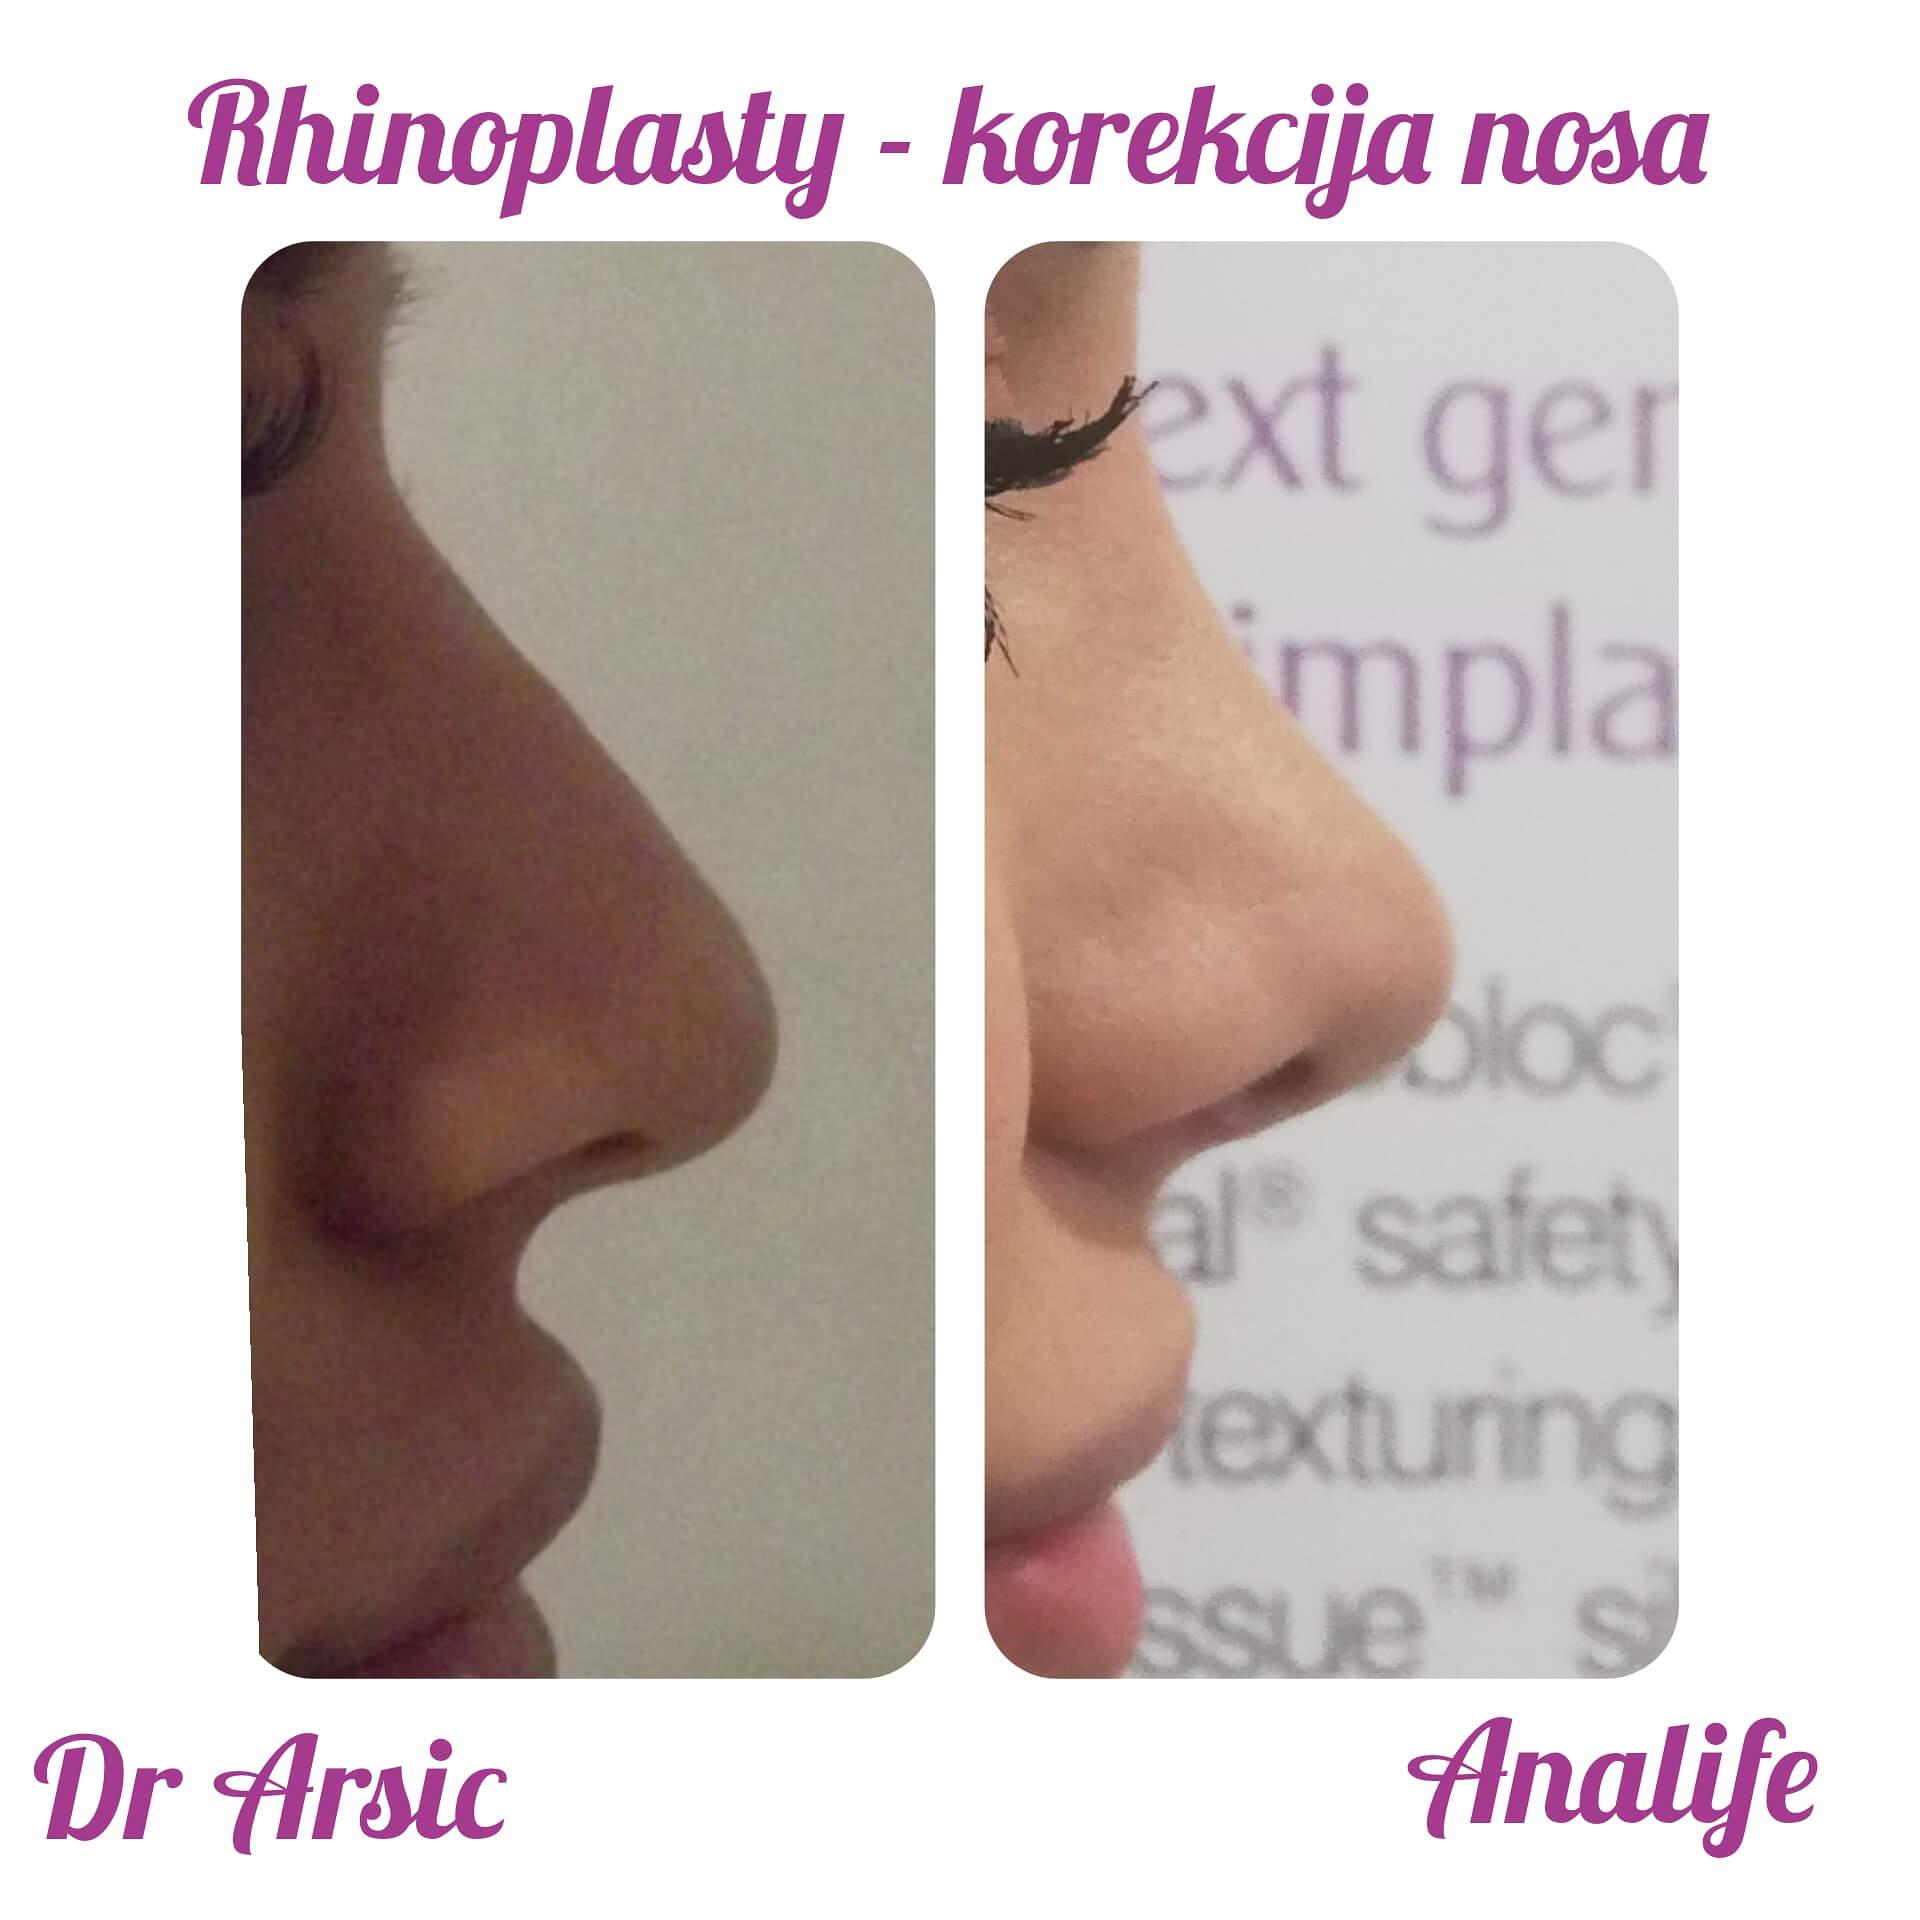 Rinoplastika je operacija kojom se menja izgled nosa